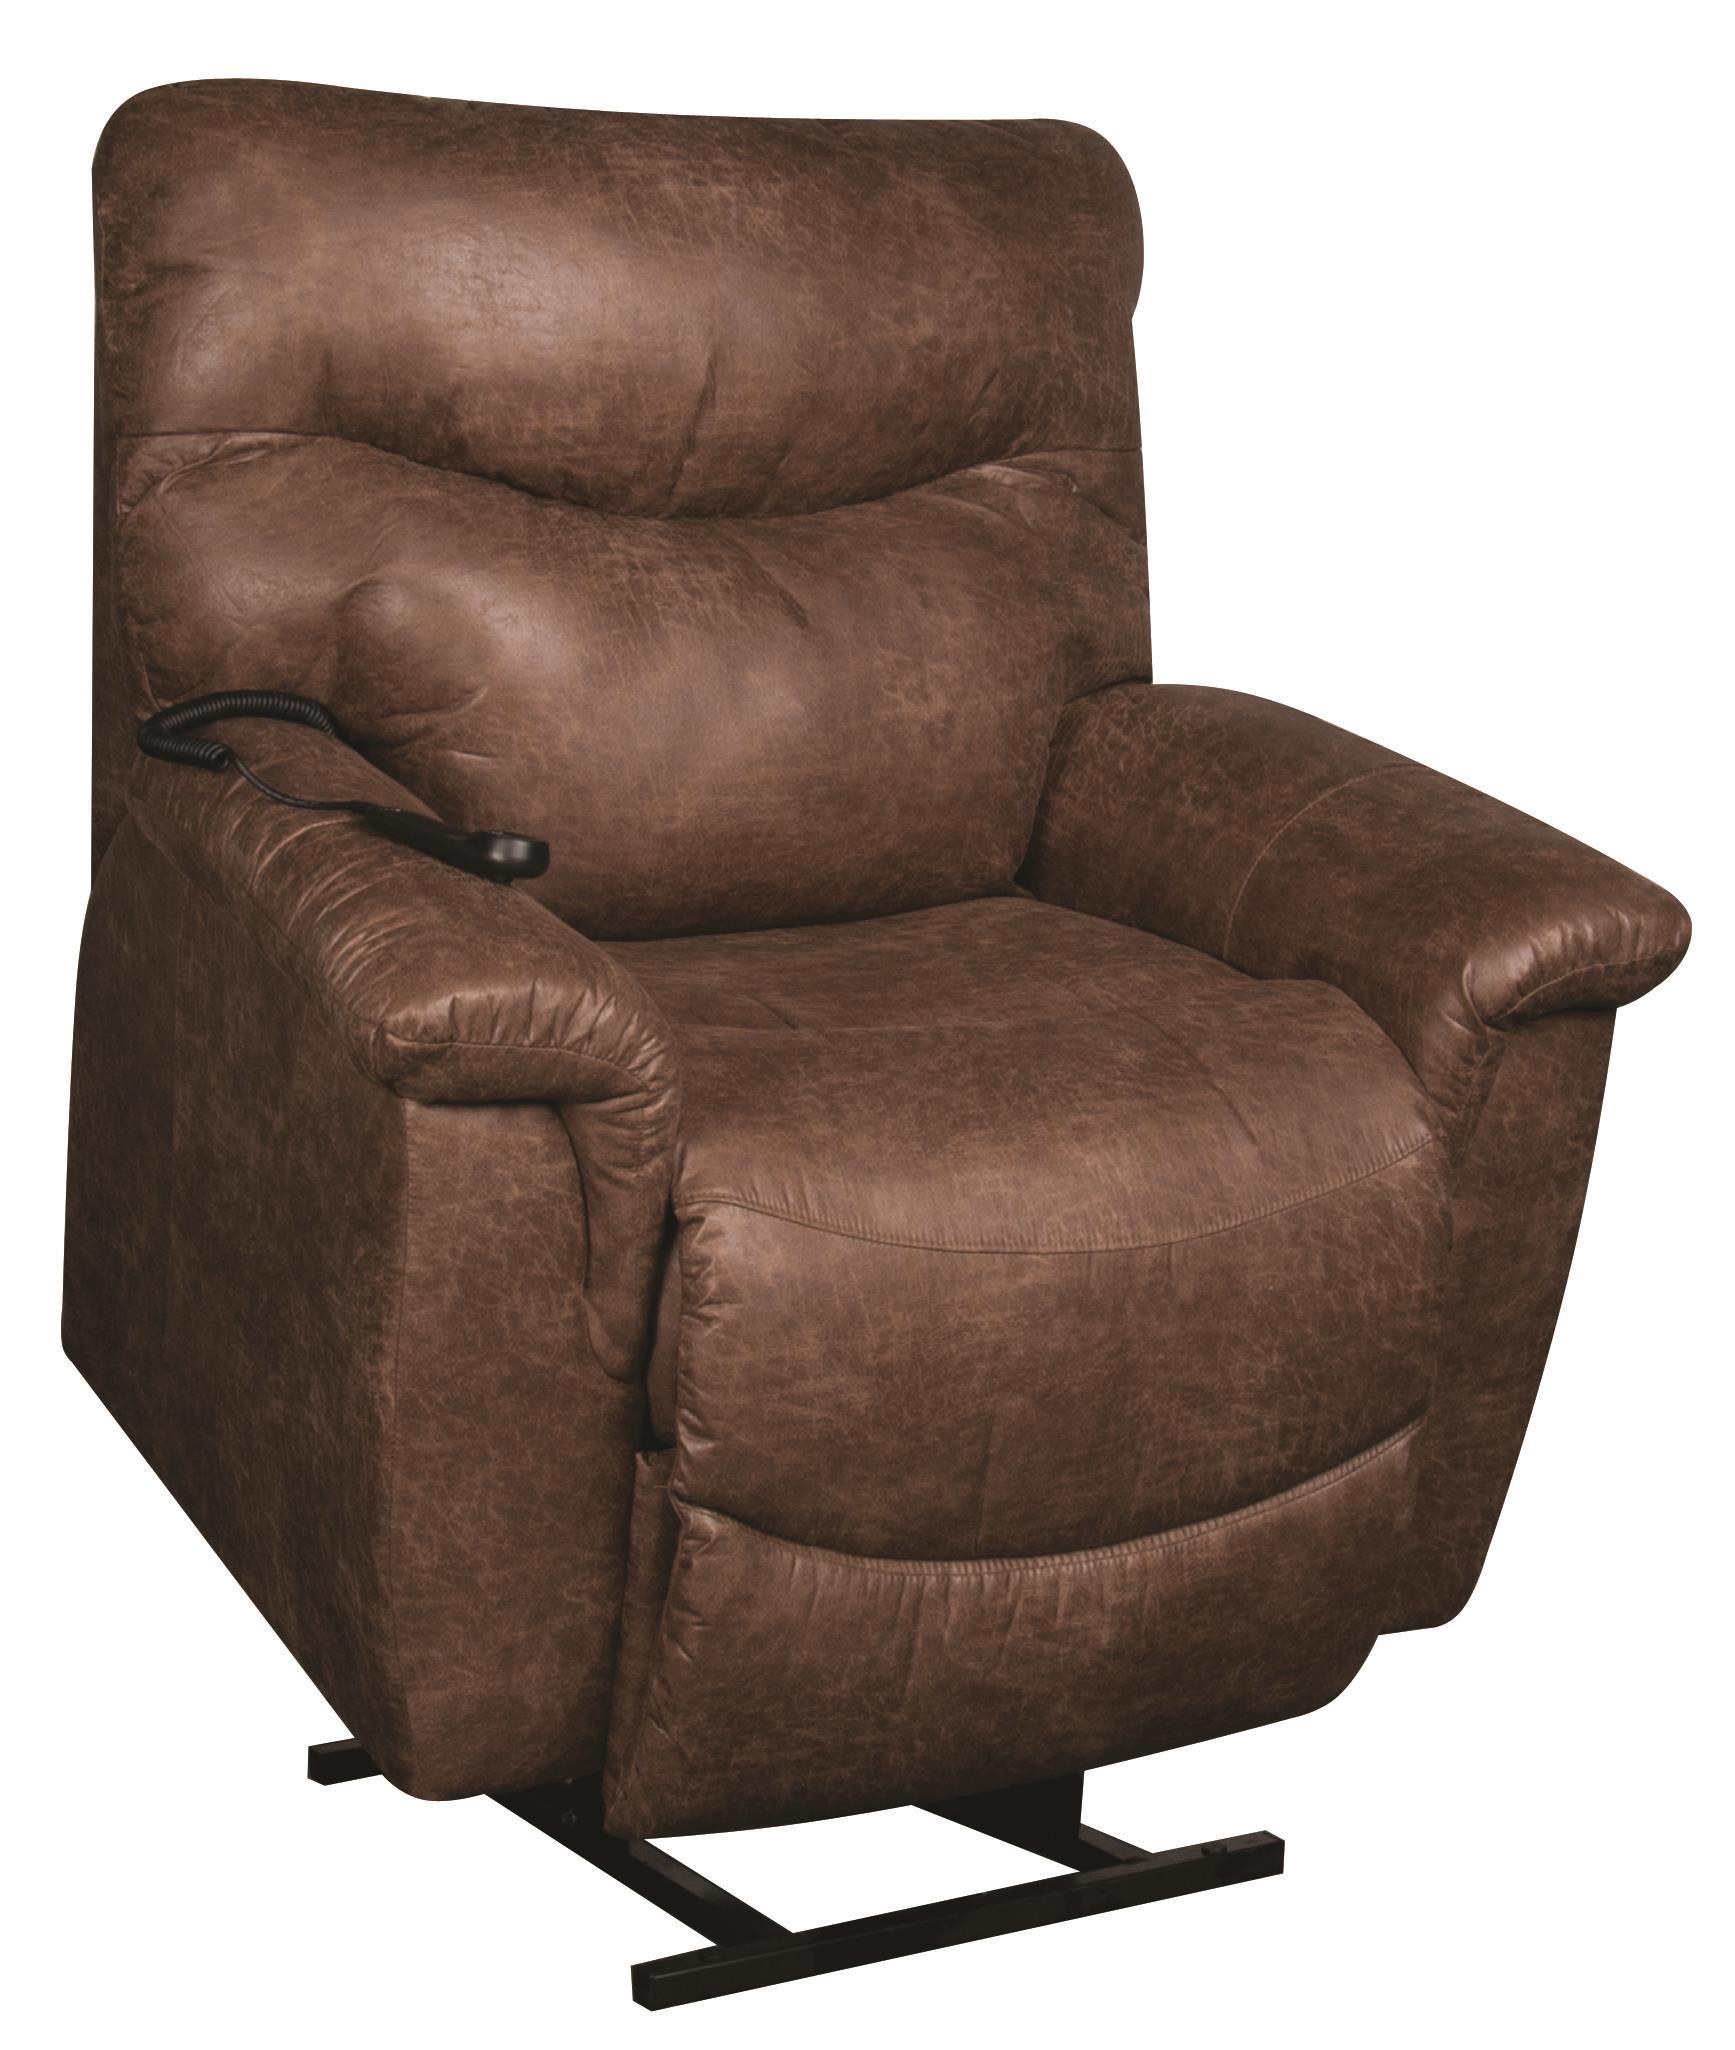 La-Z-Boy James James Lift Chair - Item Number: 488891511